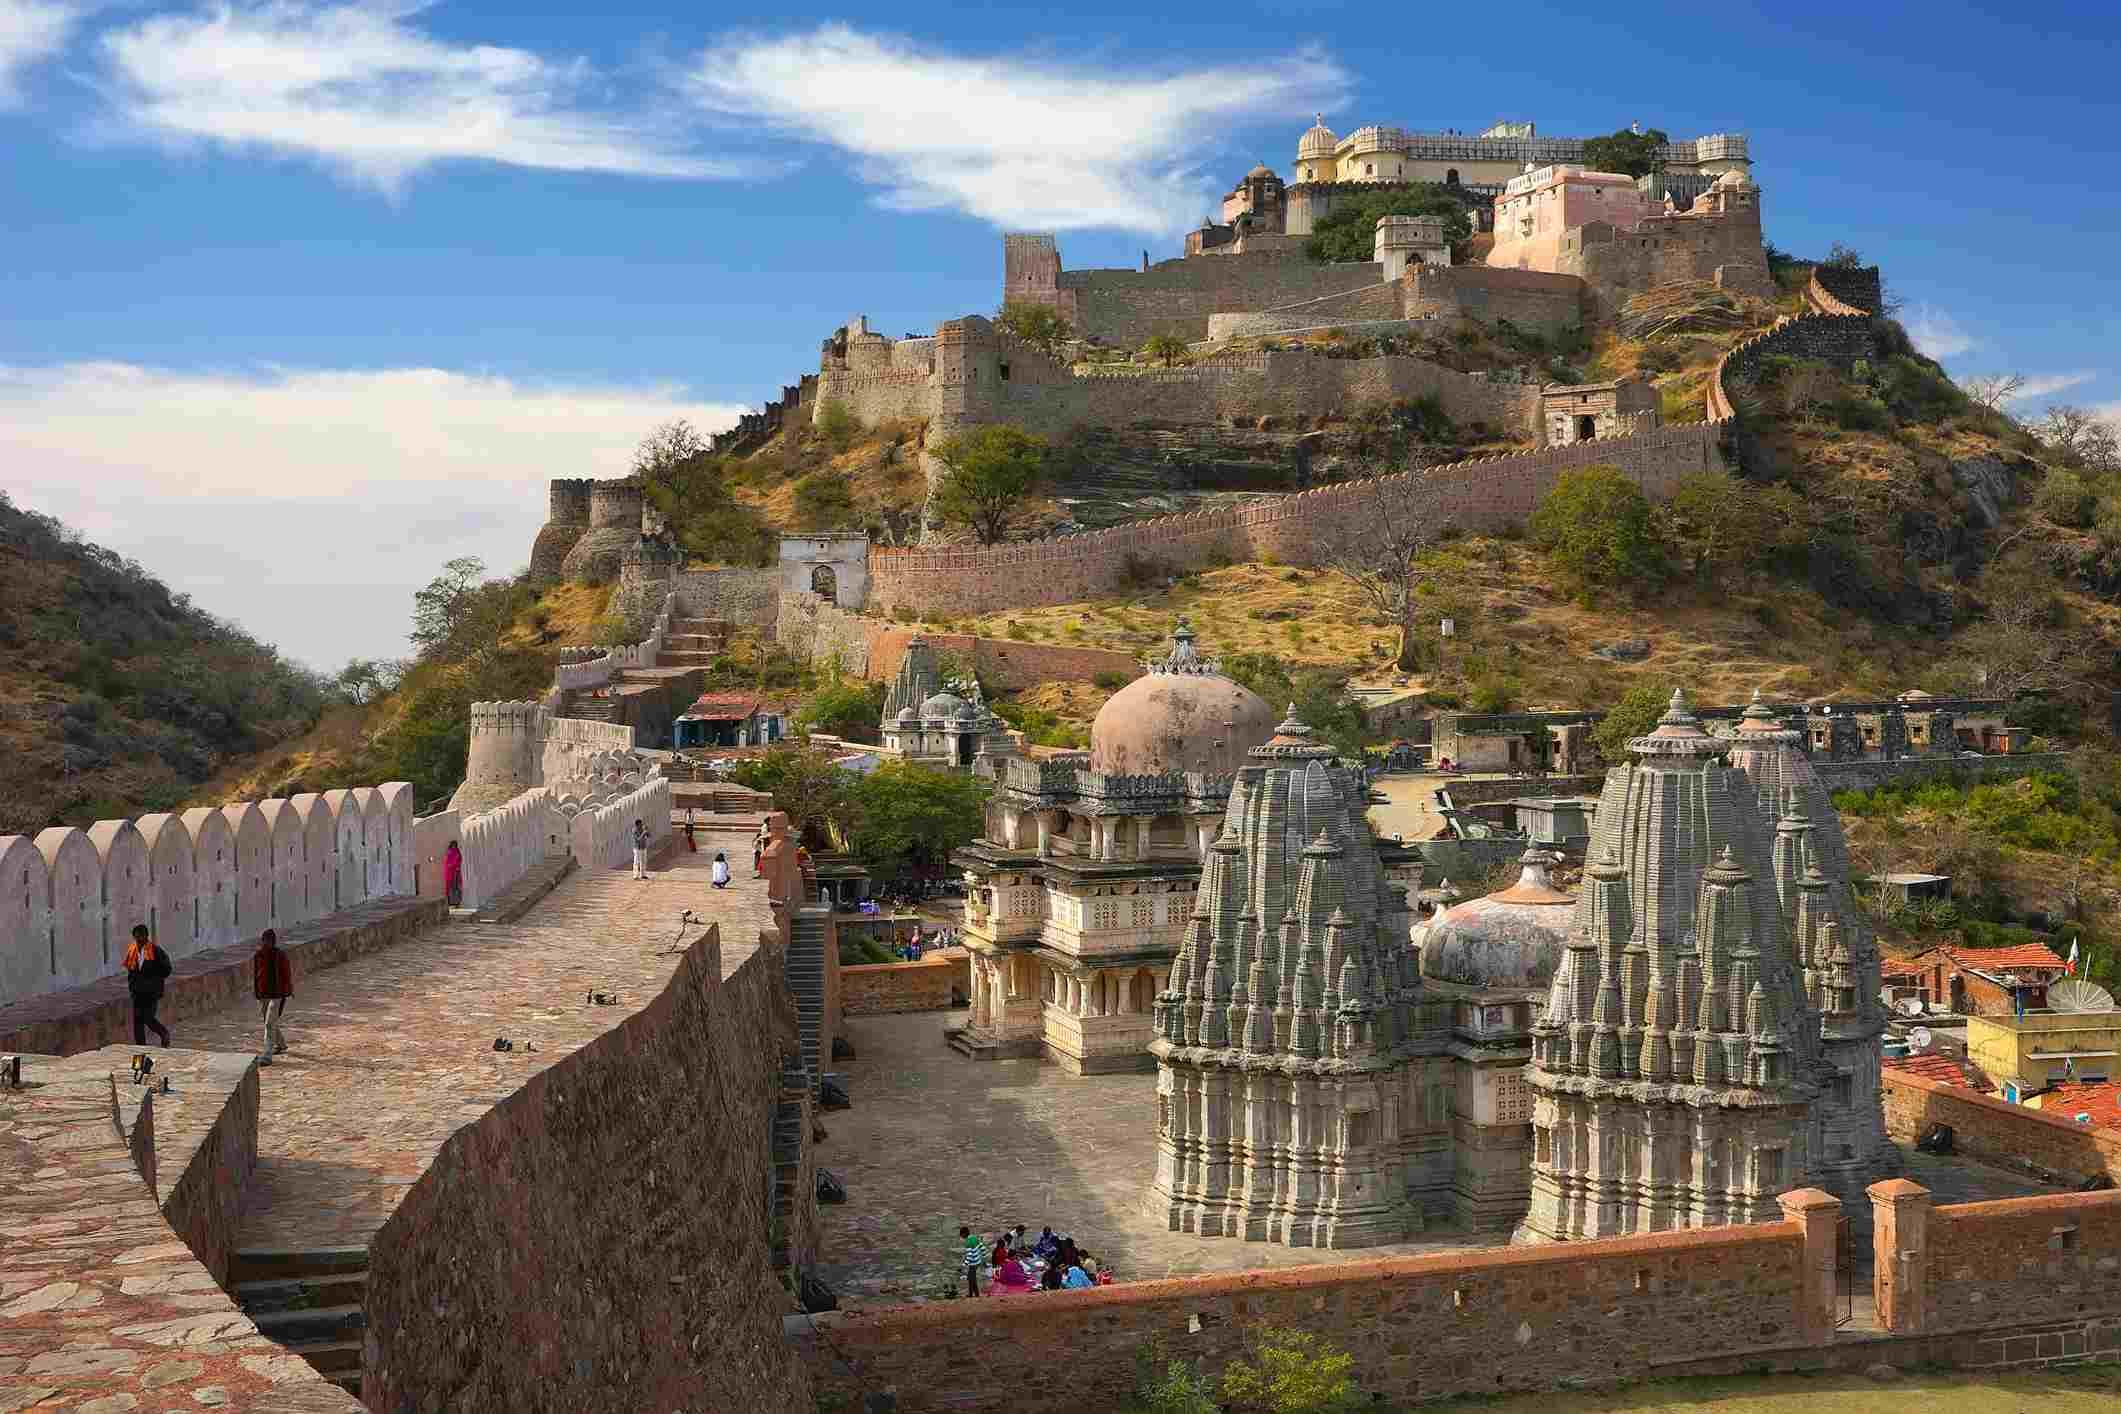 Kumbhalgarh, Rajasthan.